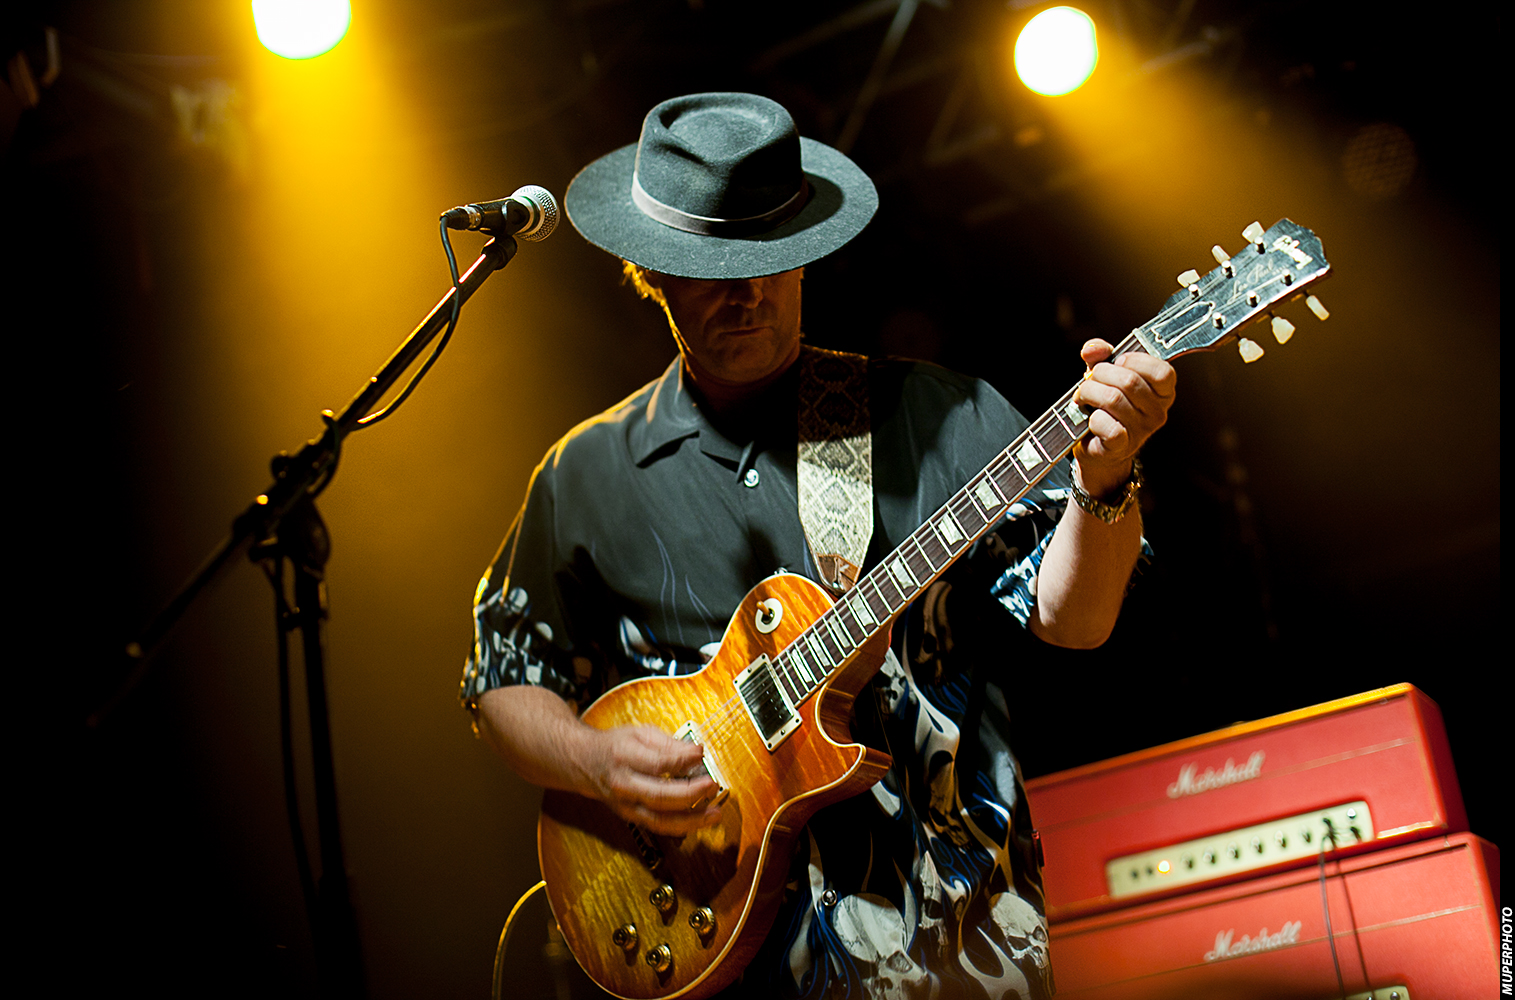 אמן הבלוז והגיטריסט אנדי וואטס במופע חדש עם מאור כהן ומיטב אמני הבלוז בארץ: רוי יאנג ודני שושן